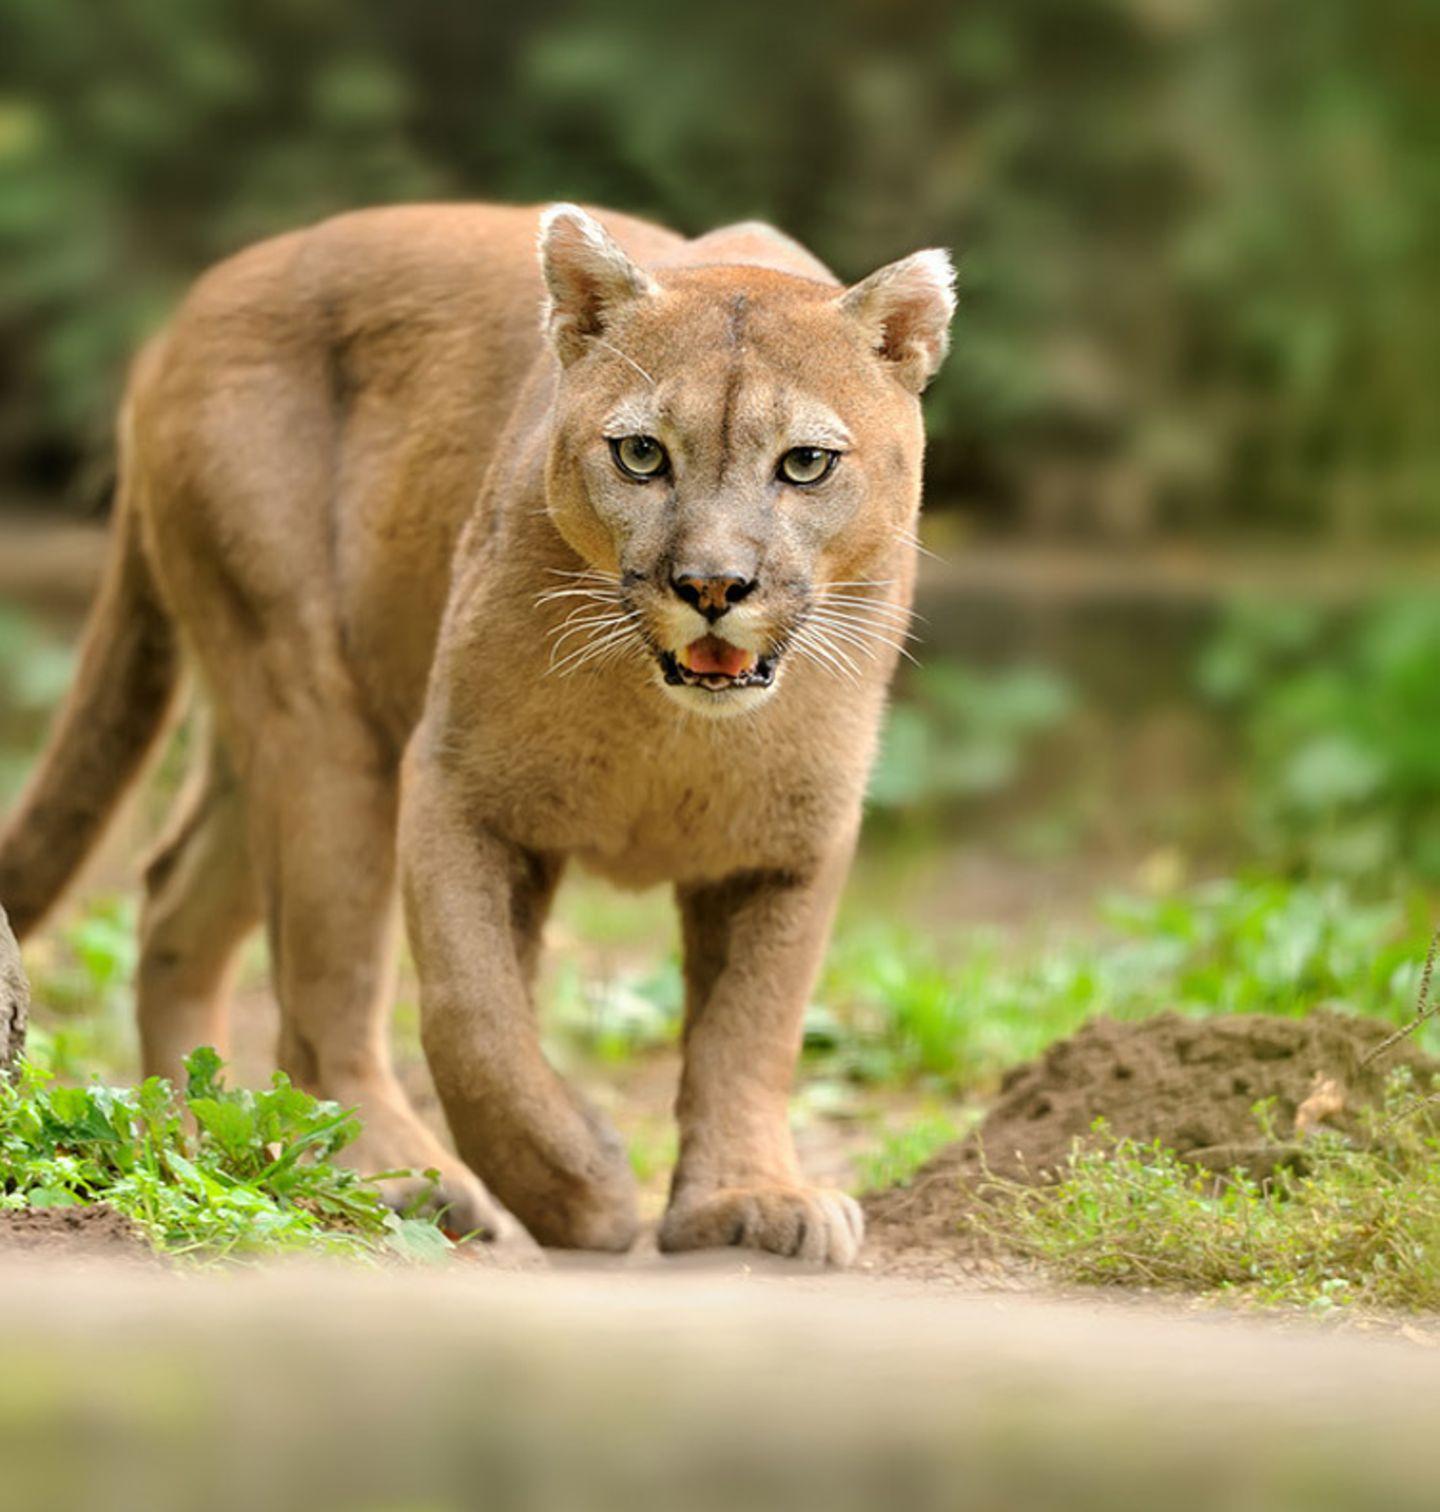 Tierlexikon: Ein Puma hat mehr mit einer Hauskatze als mit einem Löwen gemeinsam